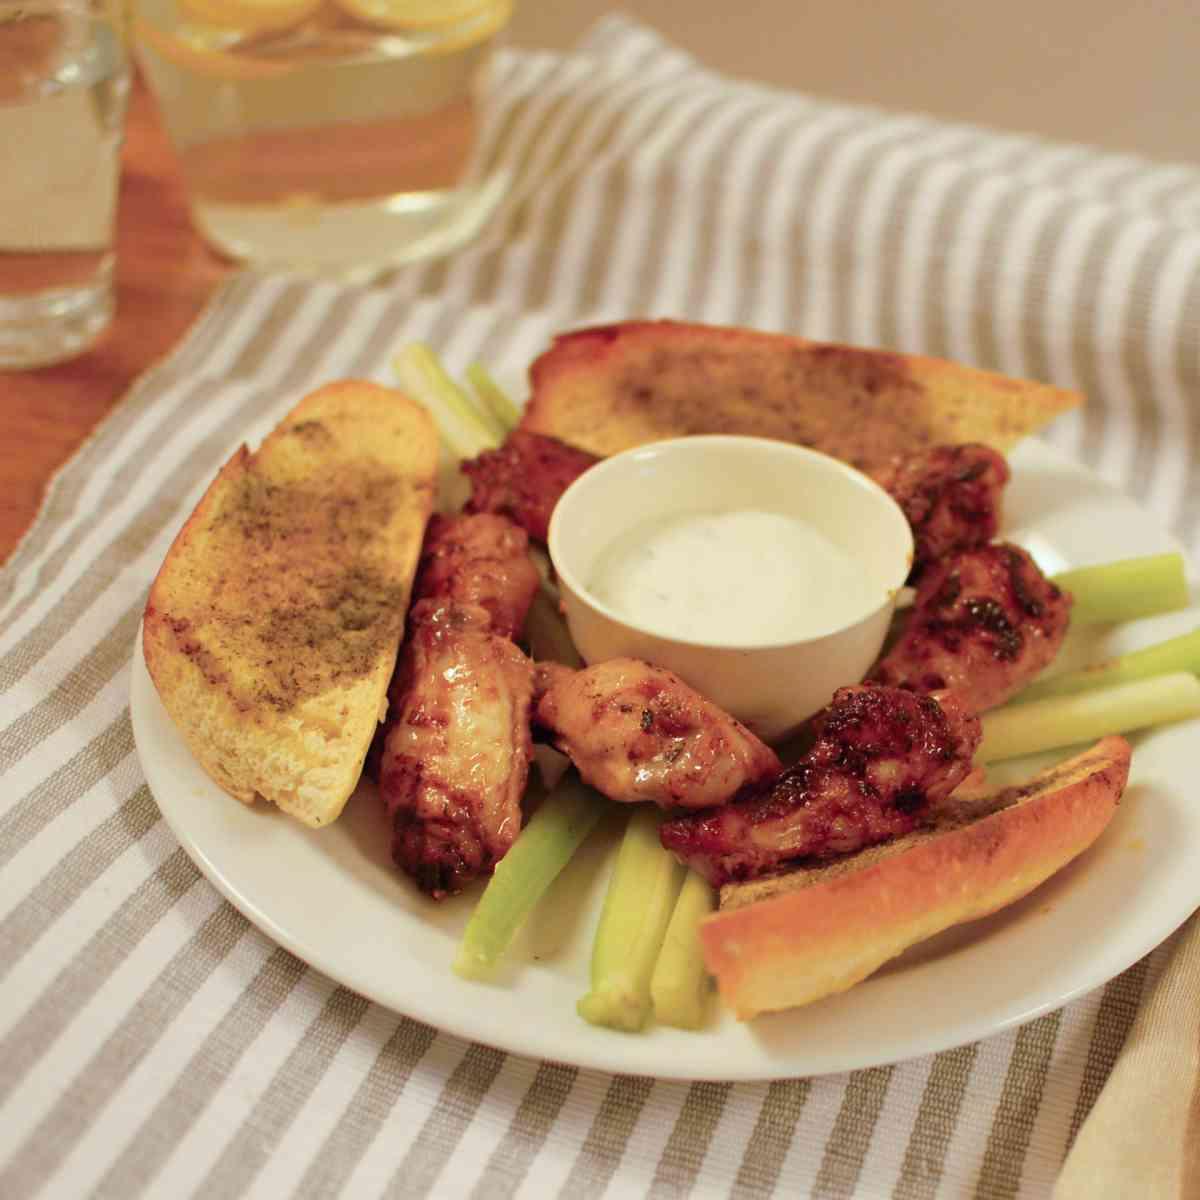 Pikantní medové kuřecí paličky, dip z nivy, rozpečená česneková bagetka, řapíkatý celer